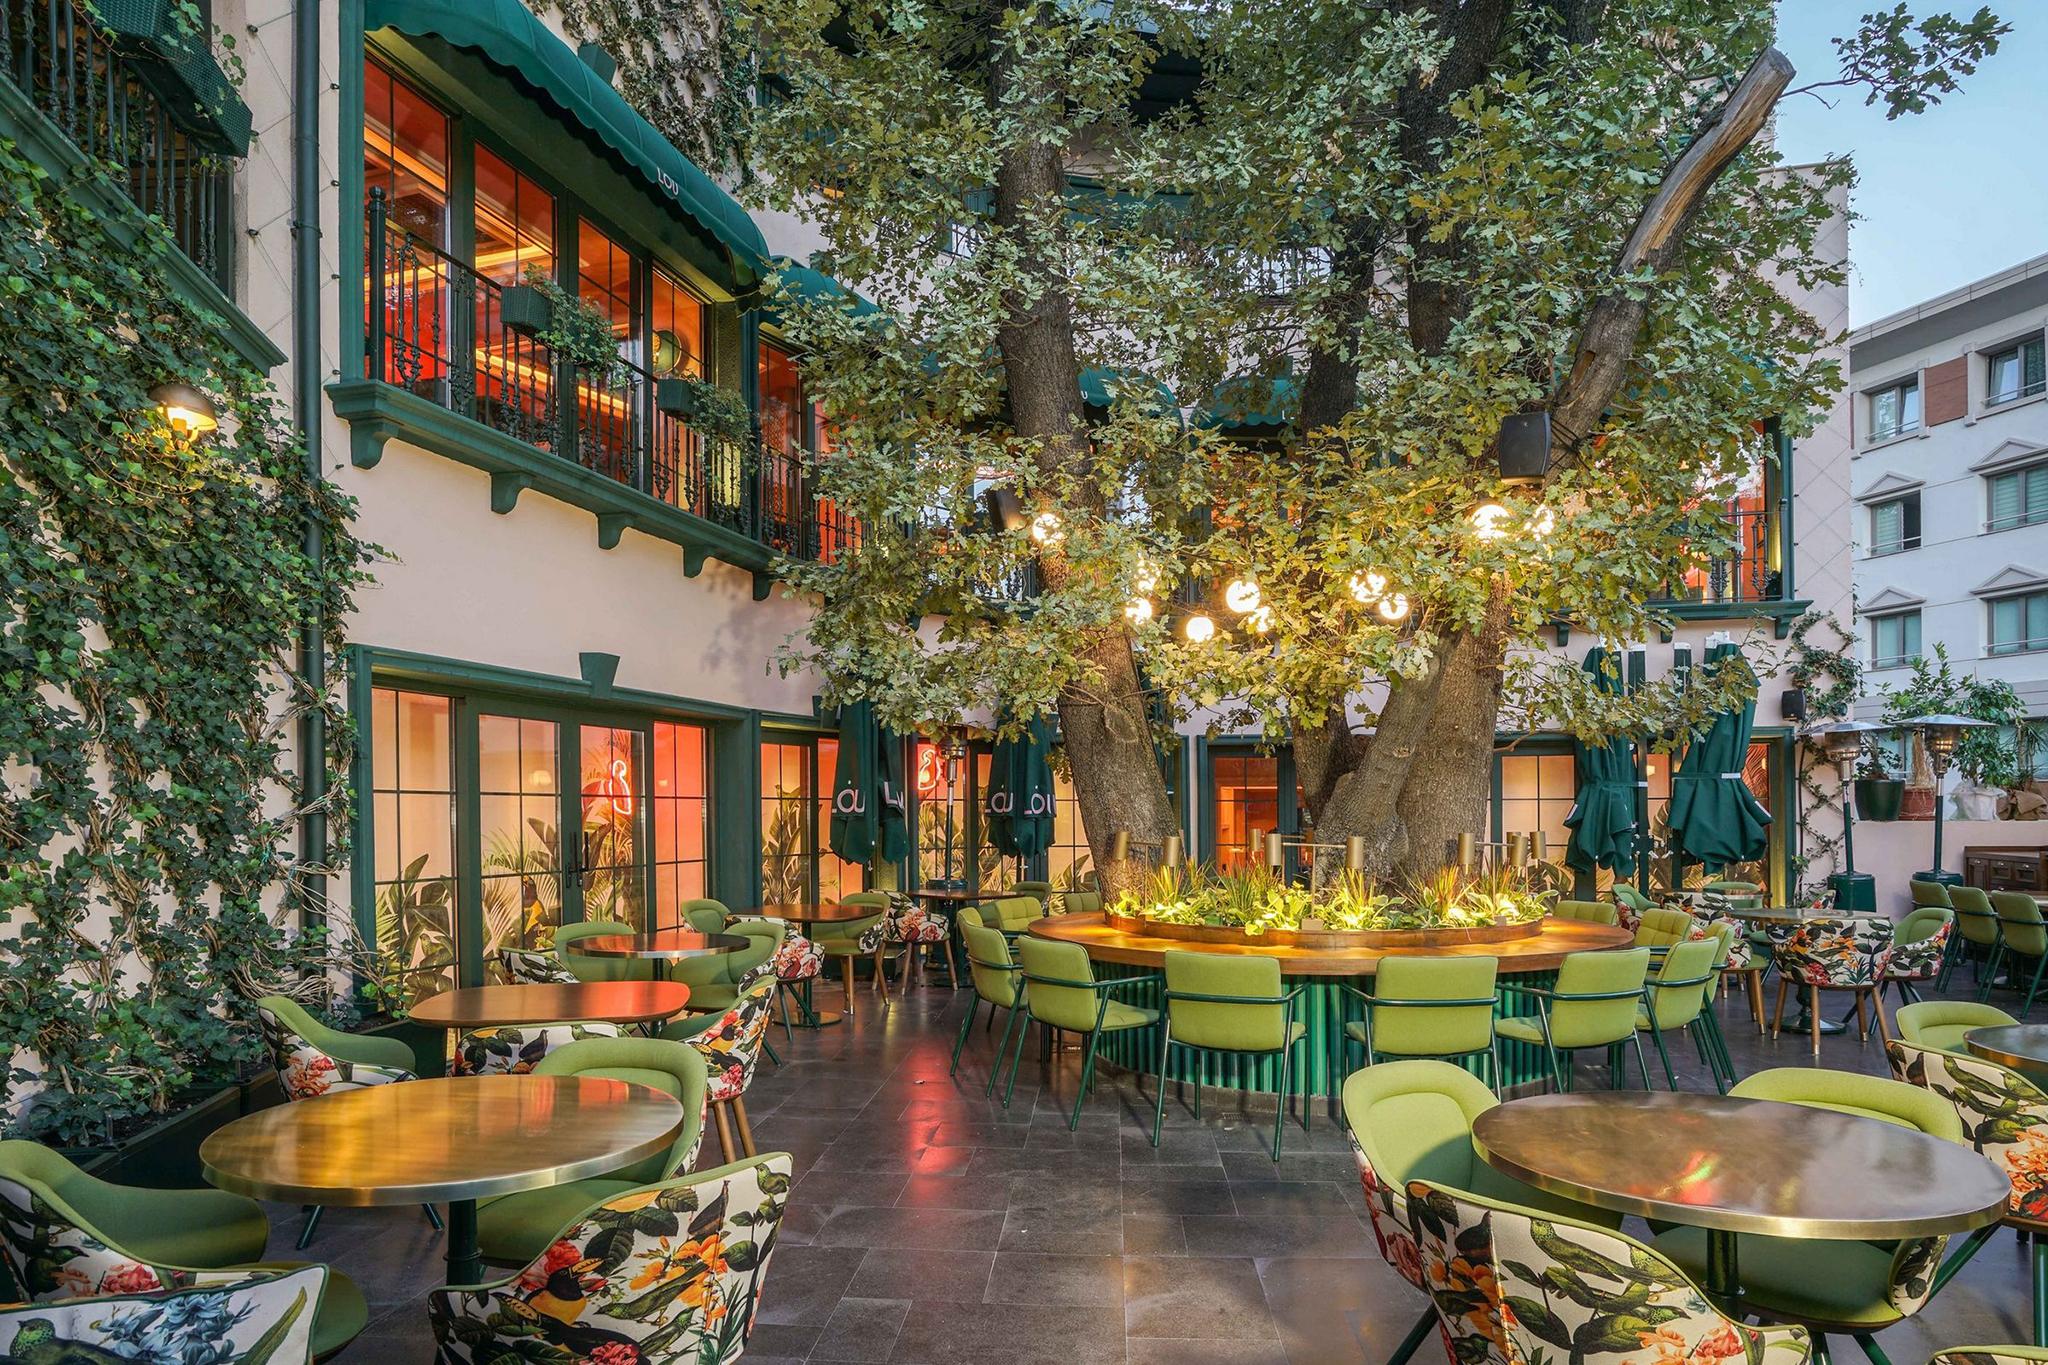 Thiết kế quán cafe sân vườn - phóng khoáng và ấn tượng